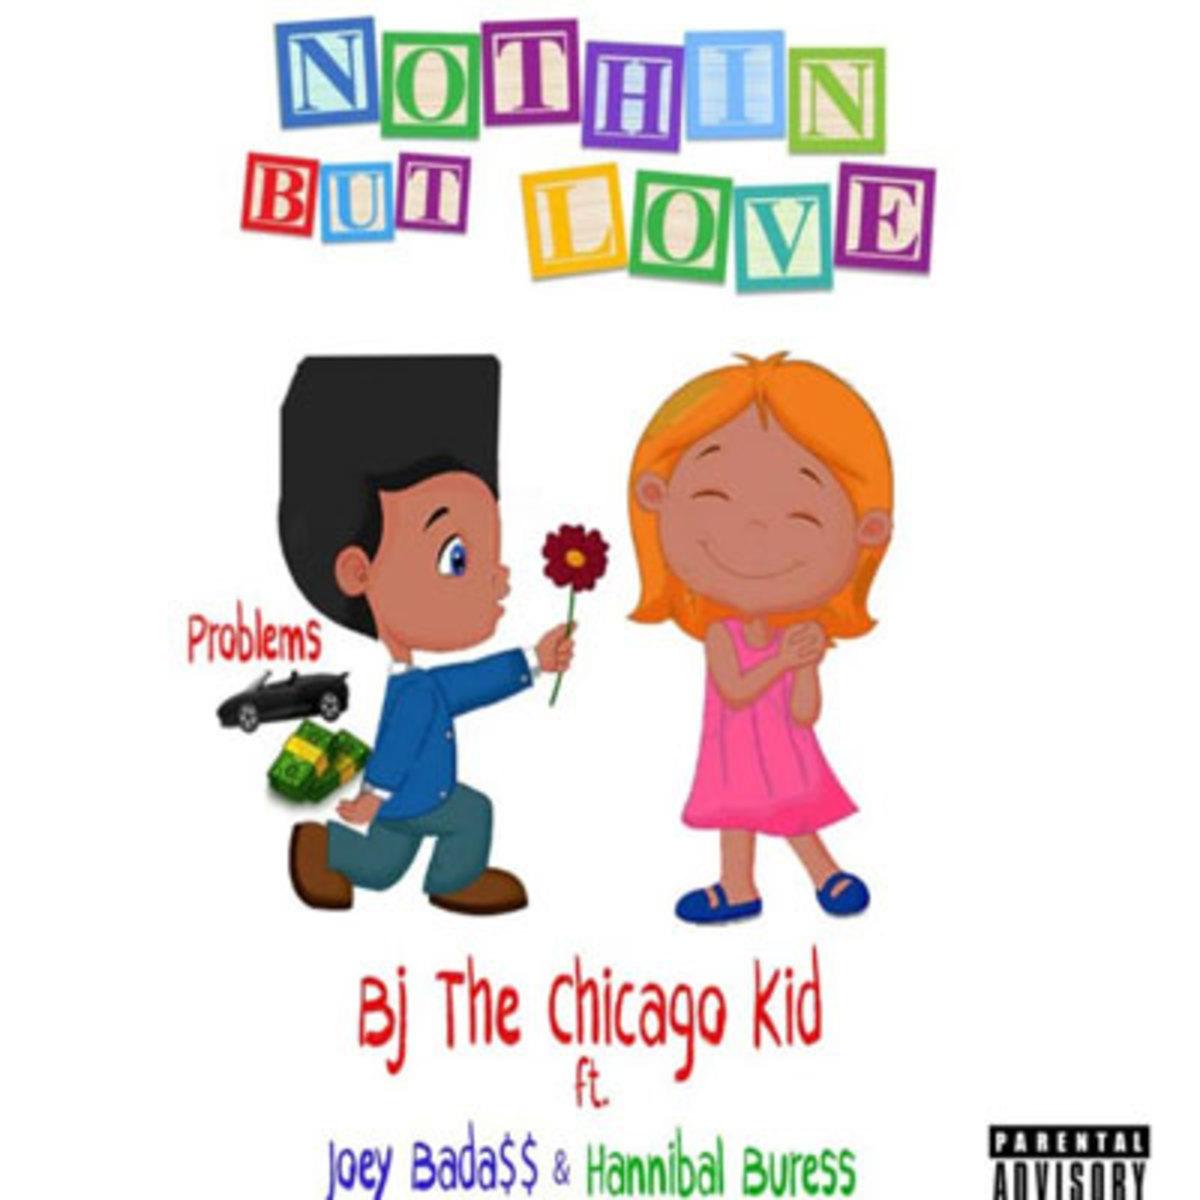 bj-the-chicago-kid-nothin-but-love.jpg